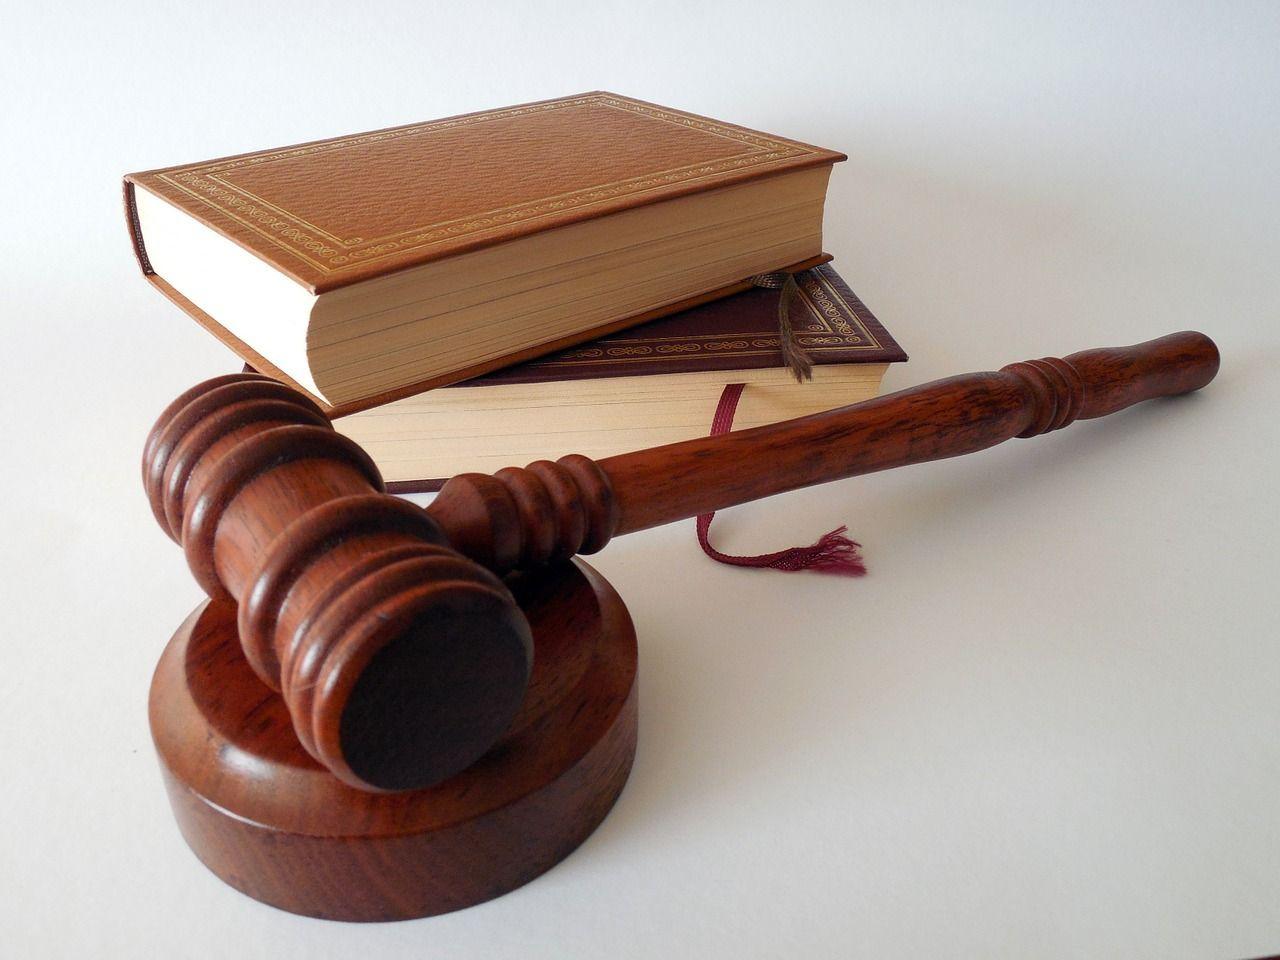 Dare dell'omosessuale non è reato: lo dice la Cassazione